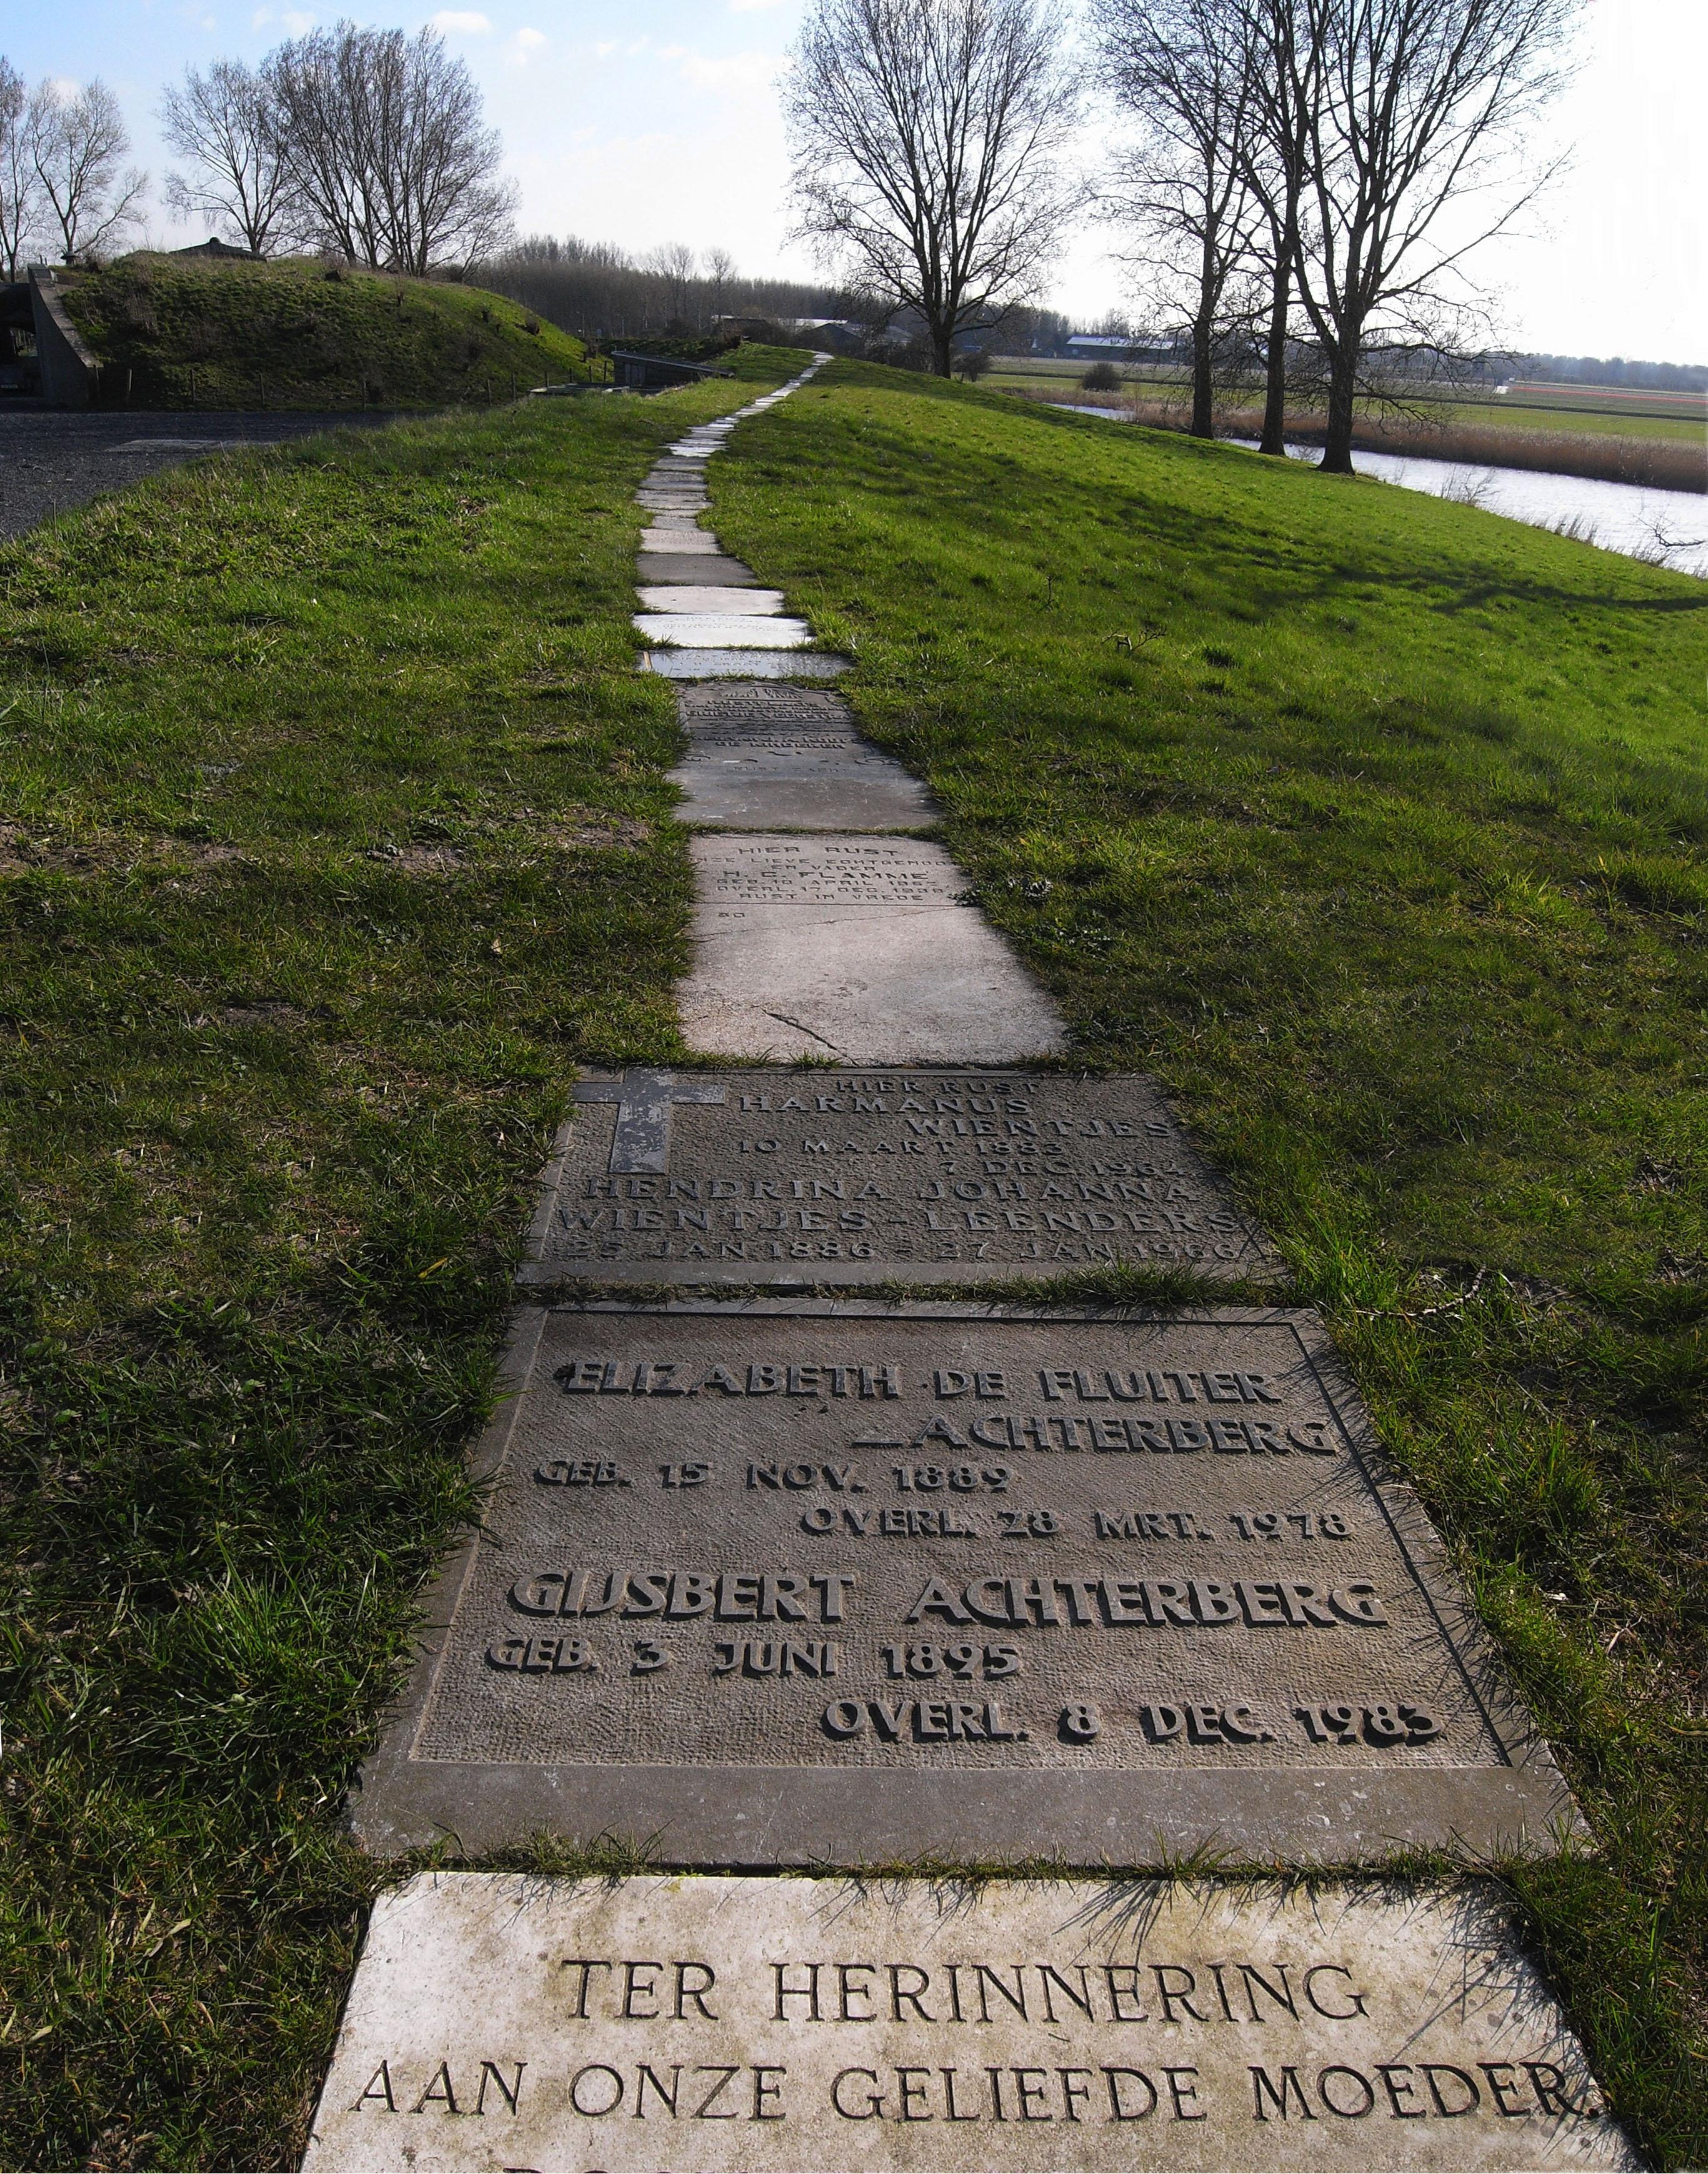 Hans van Houwelingen, Sluipweg, Fort Vijfhuizen, Stelling van Amsterdam. Foto met dank aan CODA©